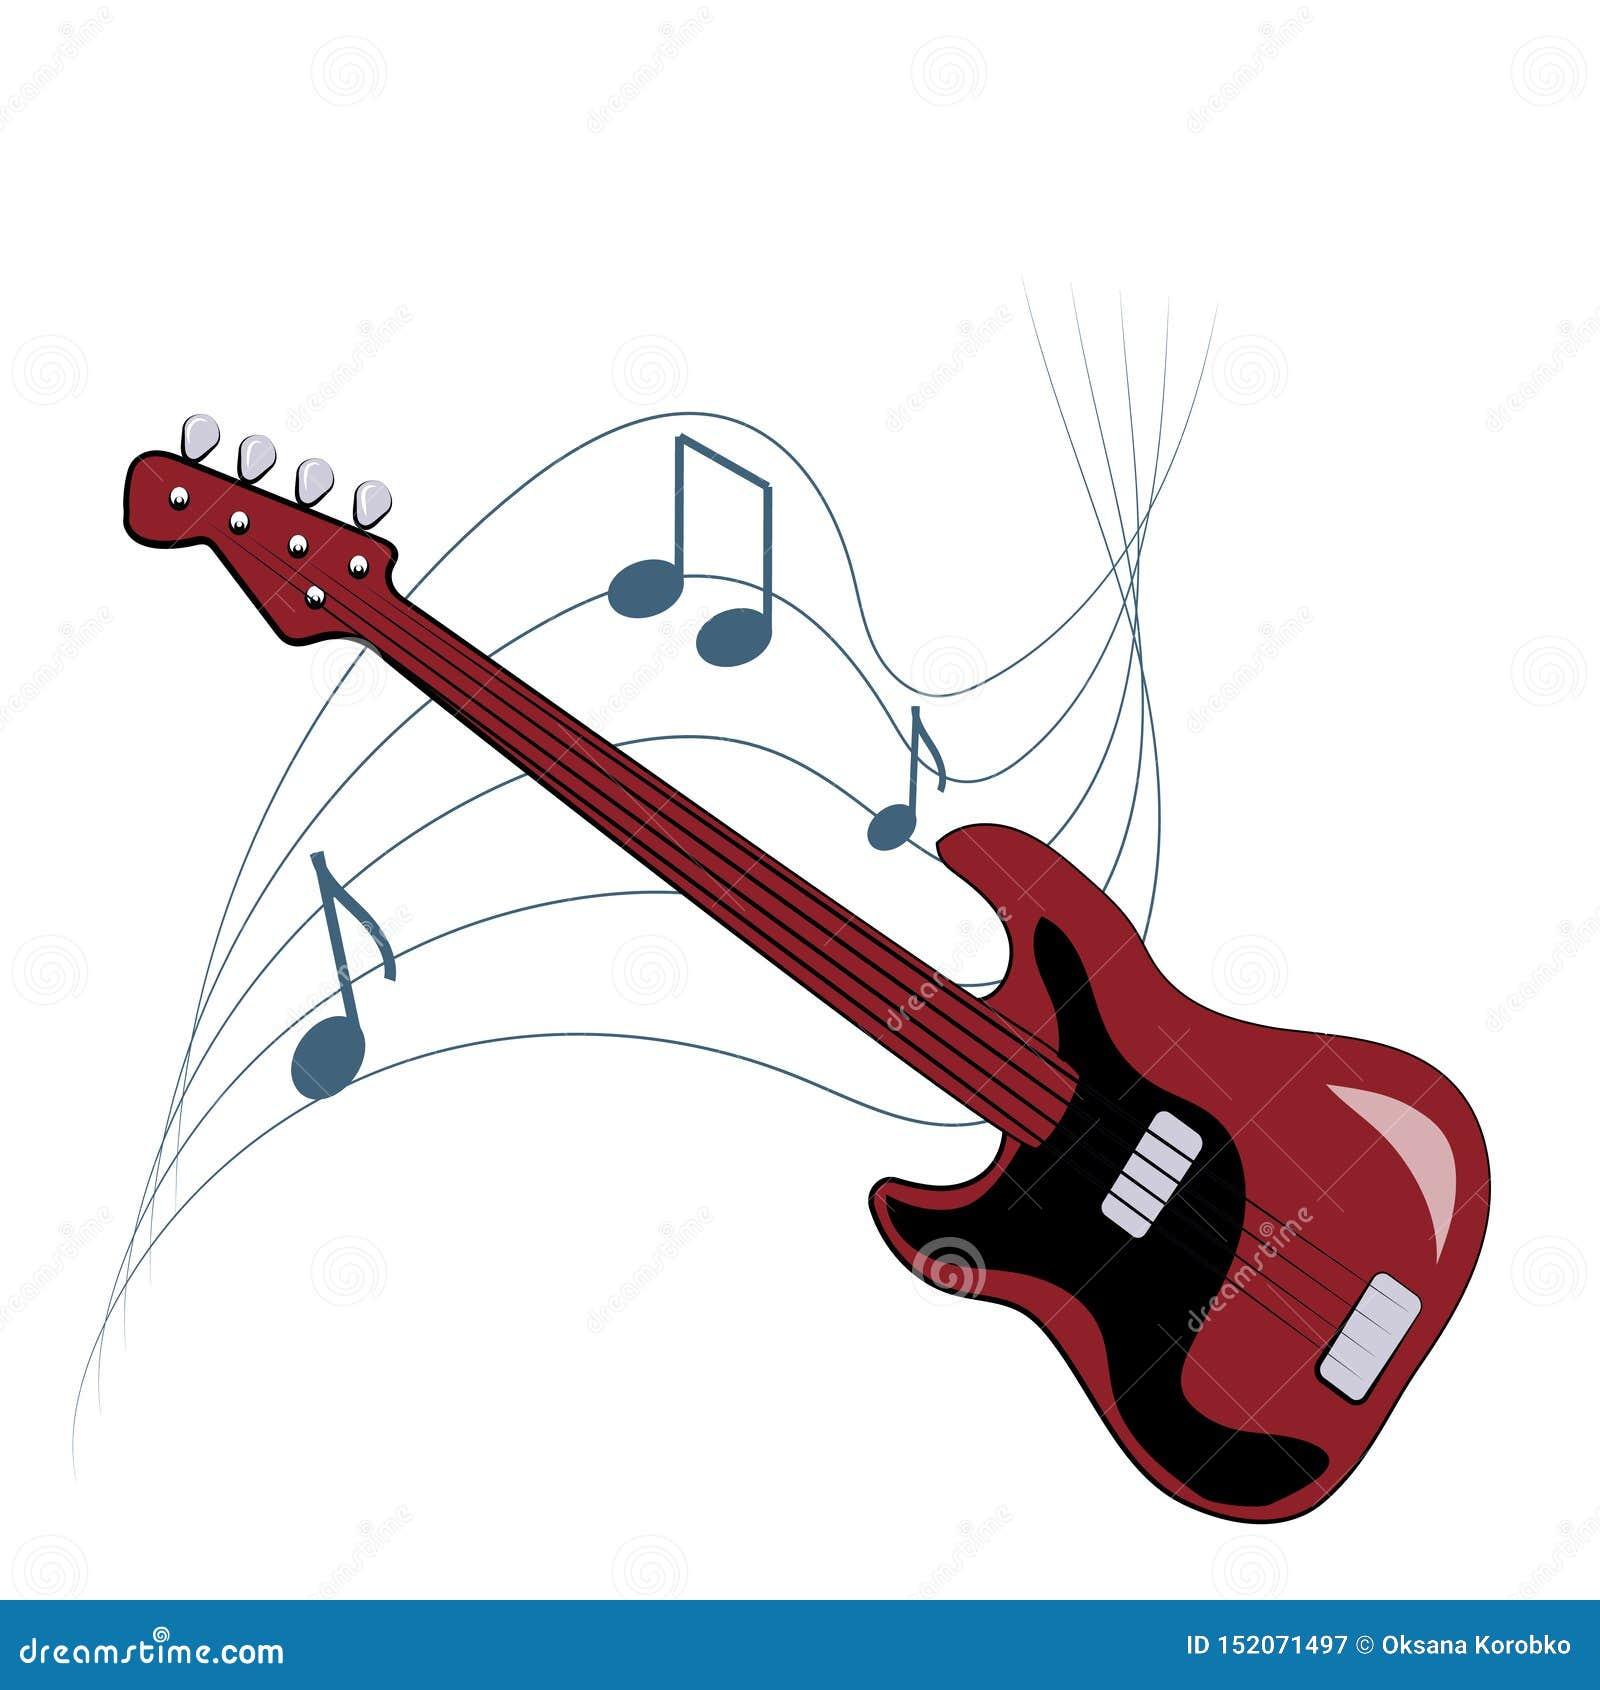 与吉他的音乐关于白色背景的象征和笔记